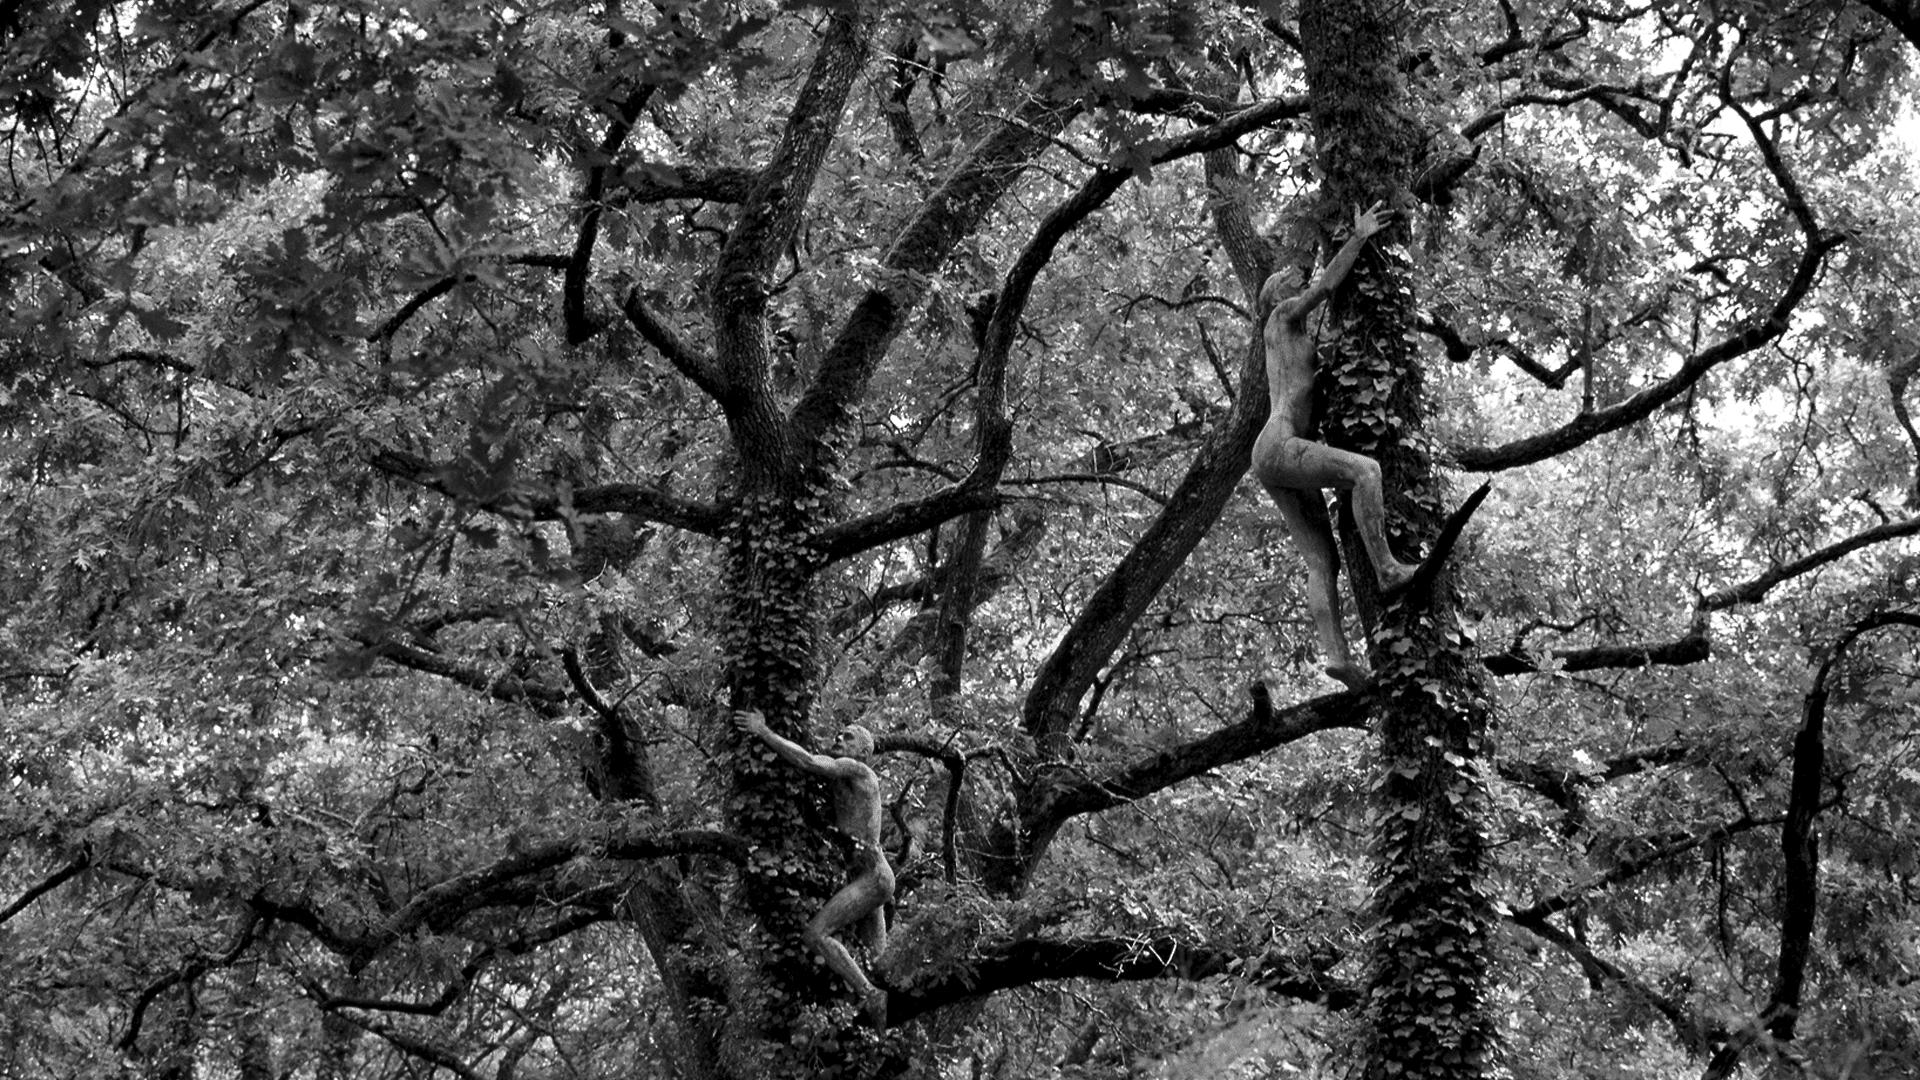 Les arborigènes, par Ernest Pignon-Ernest